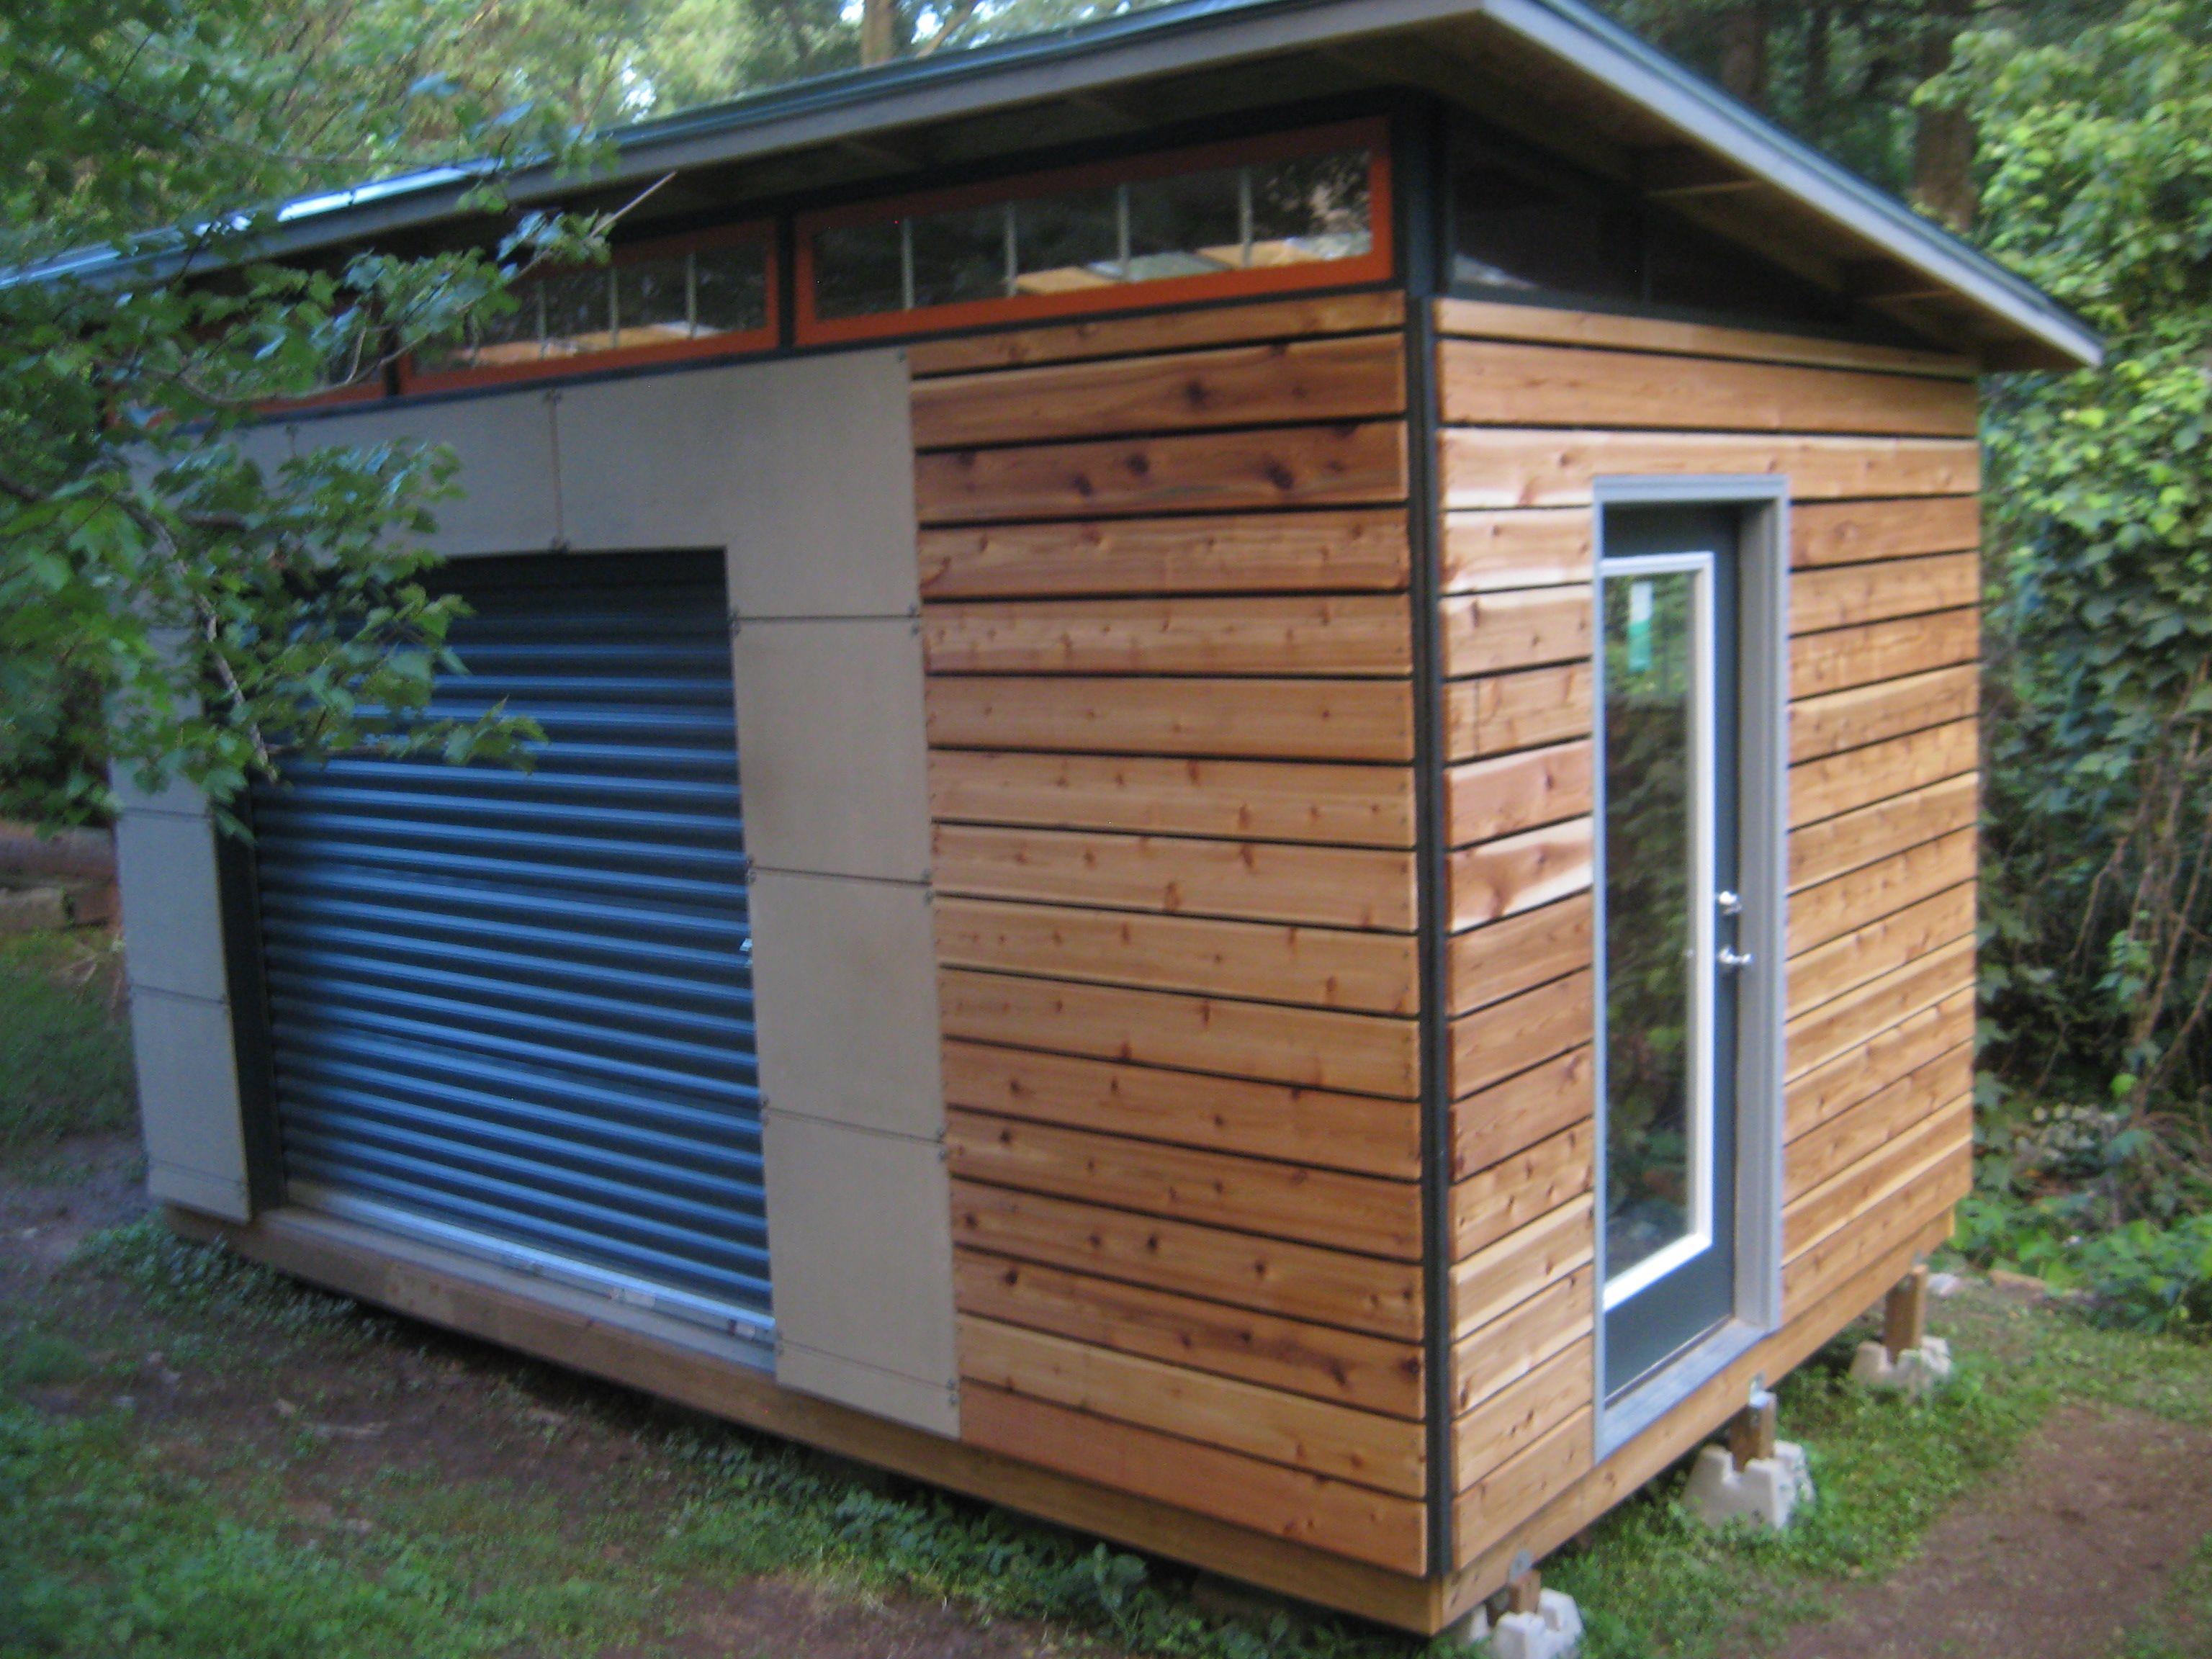 diy modern shed project bricolaje cobertizos y proyectos pool shed designs